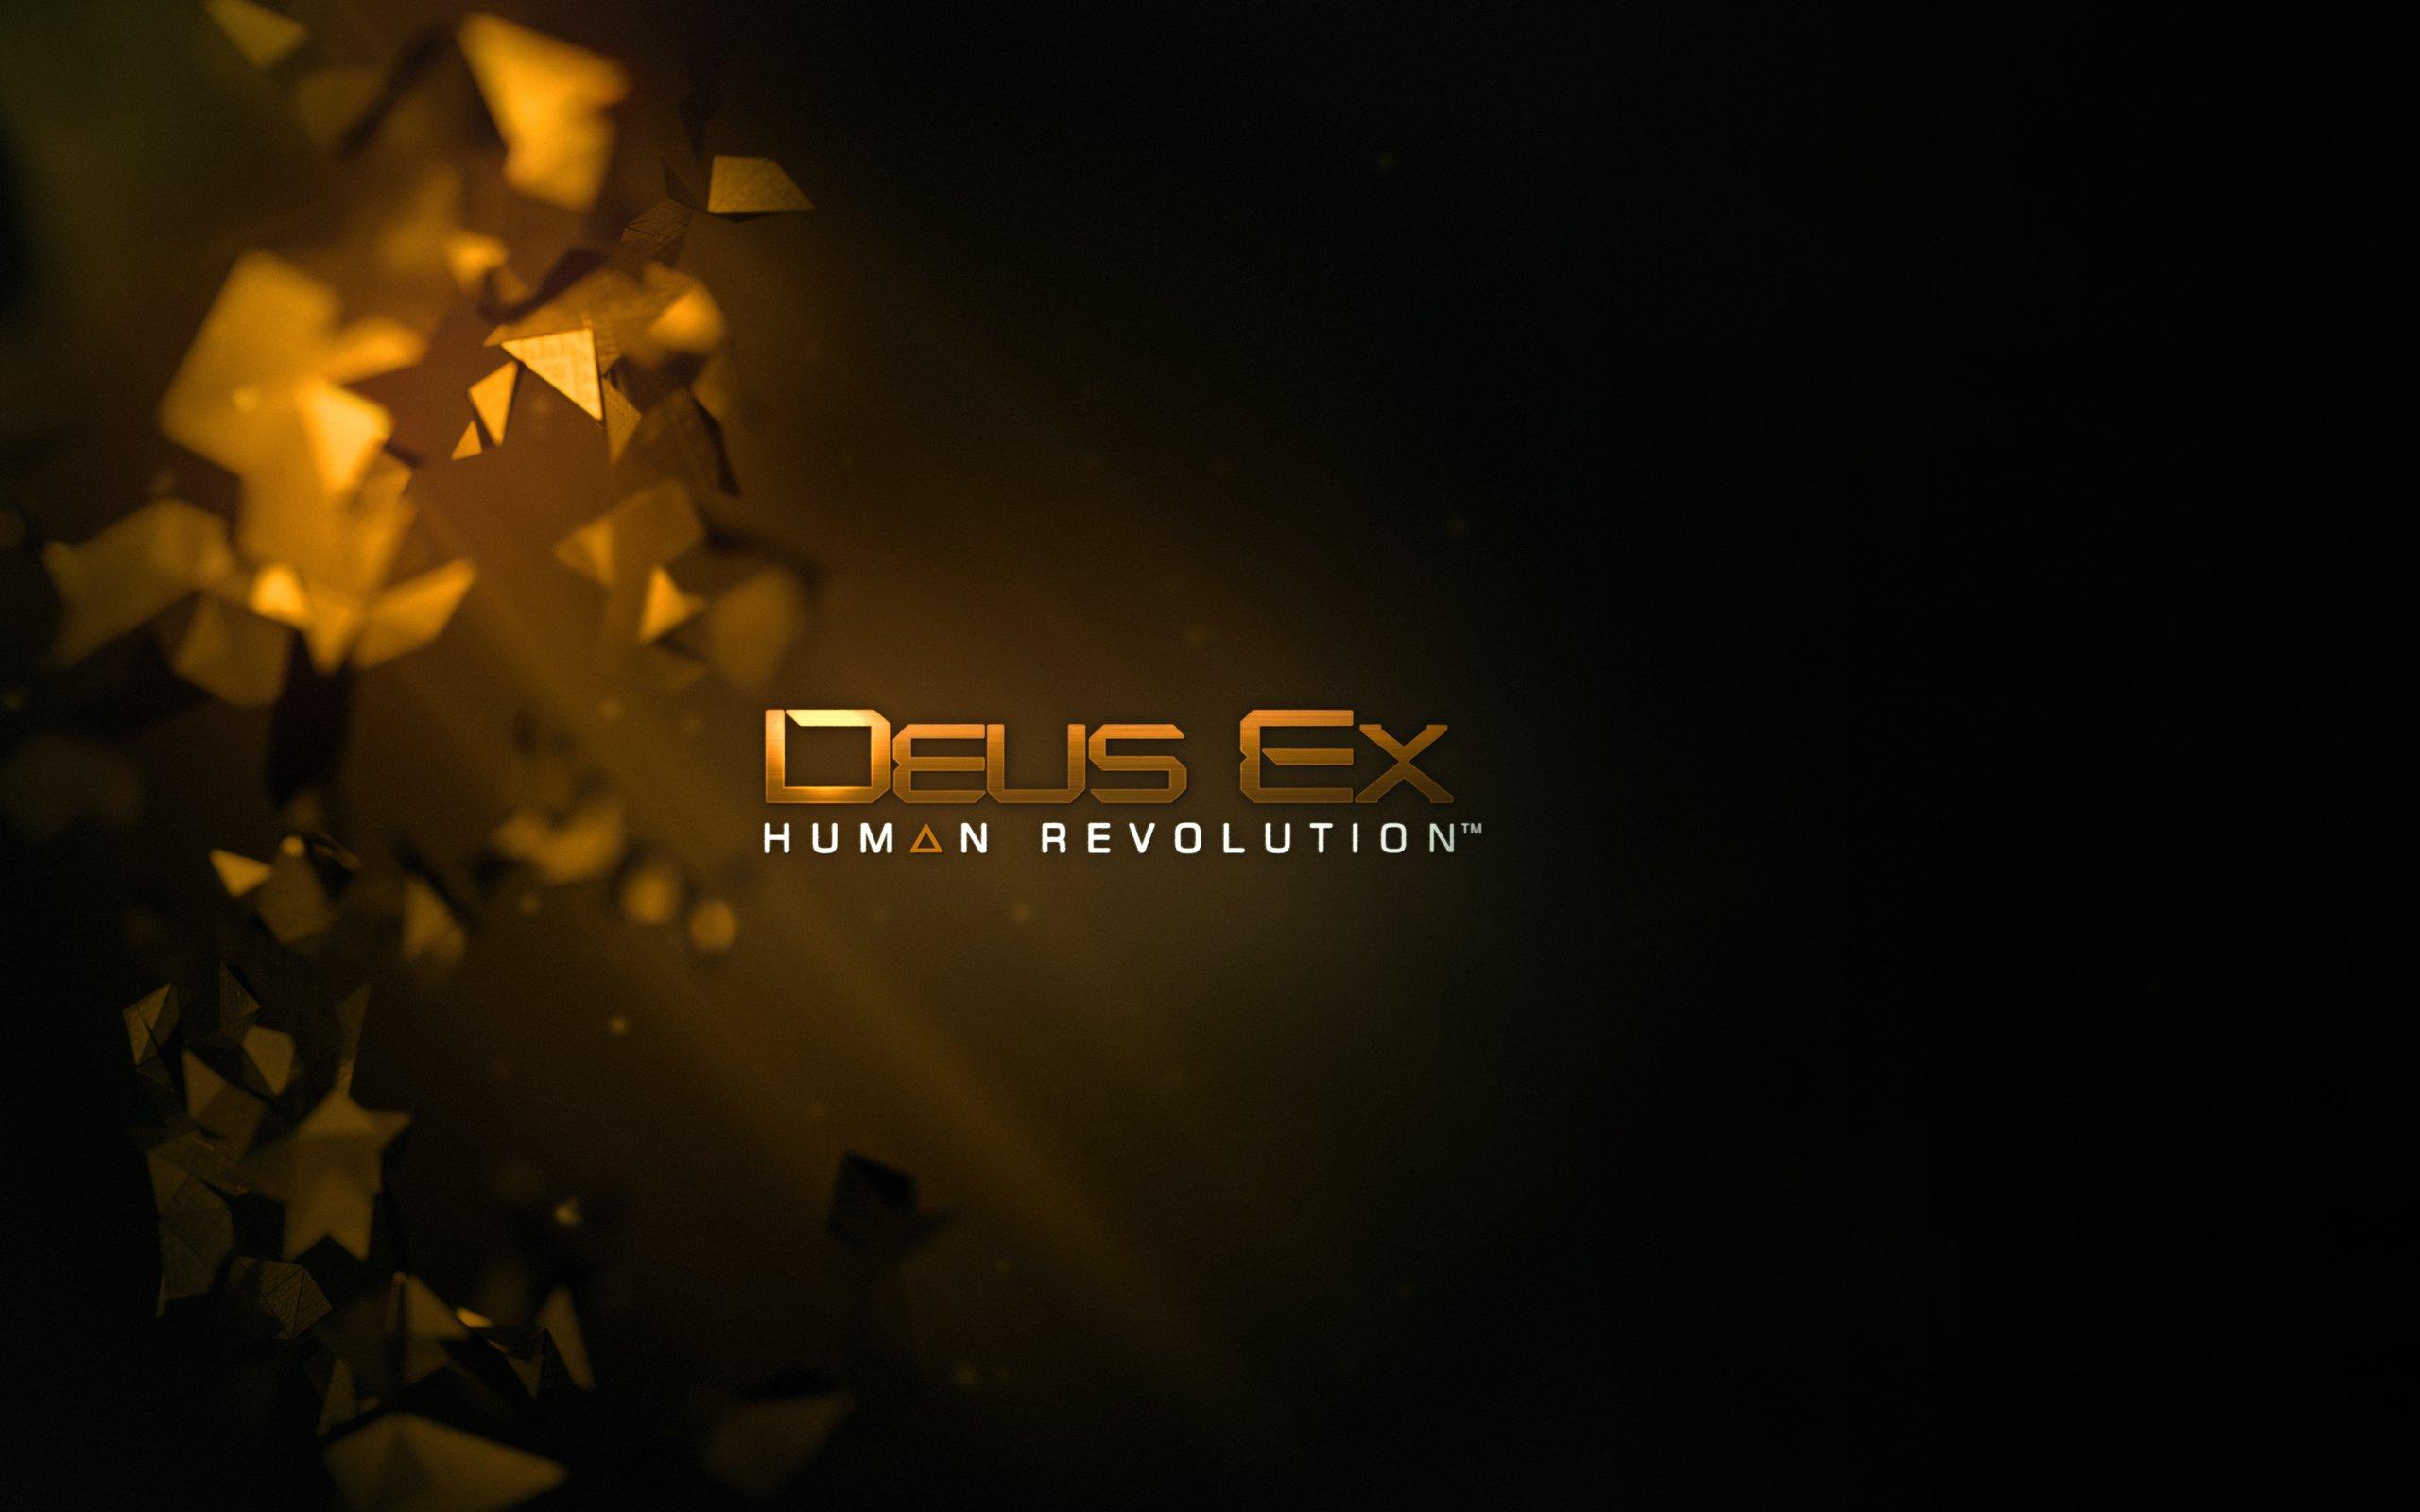 Deus Ex Human Revolution Computer Wallpapers Desktop 2560x1600